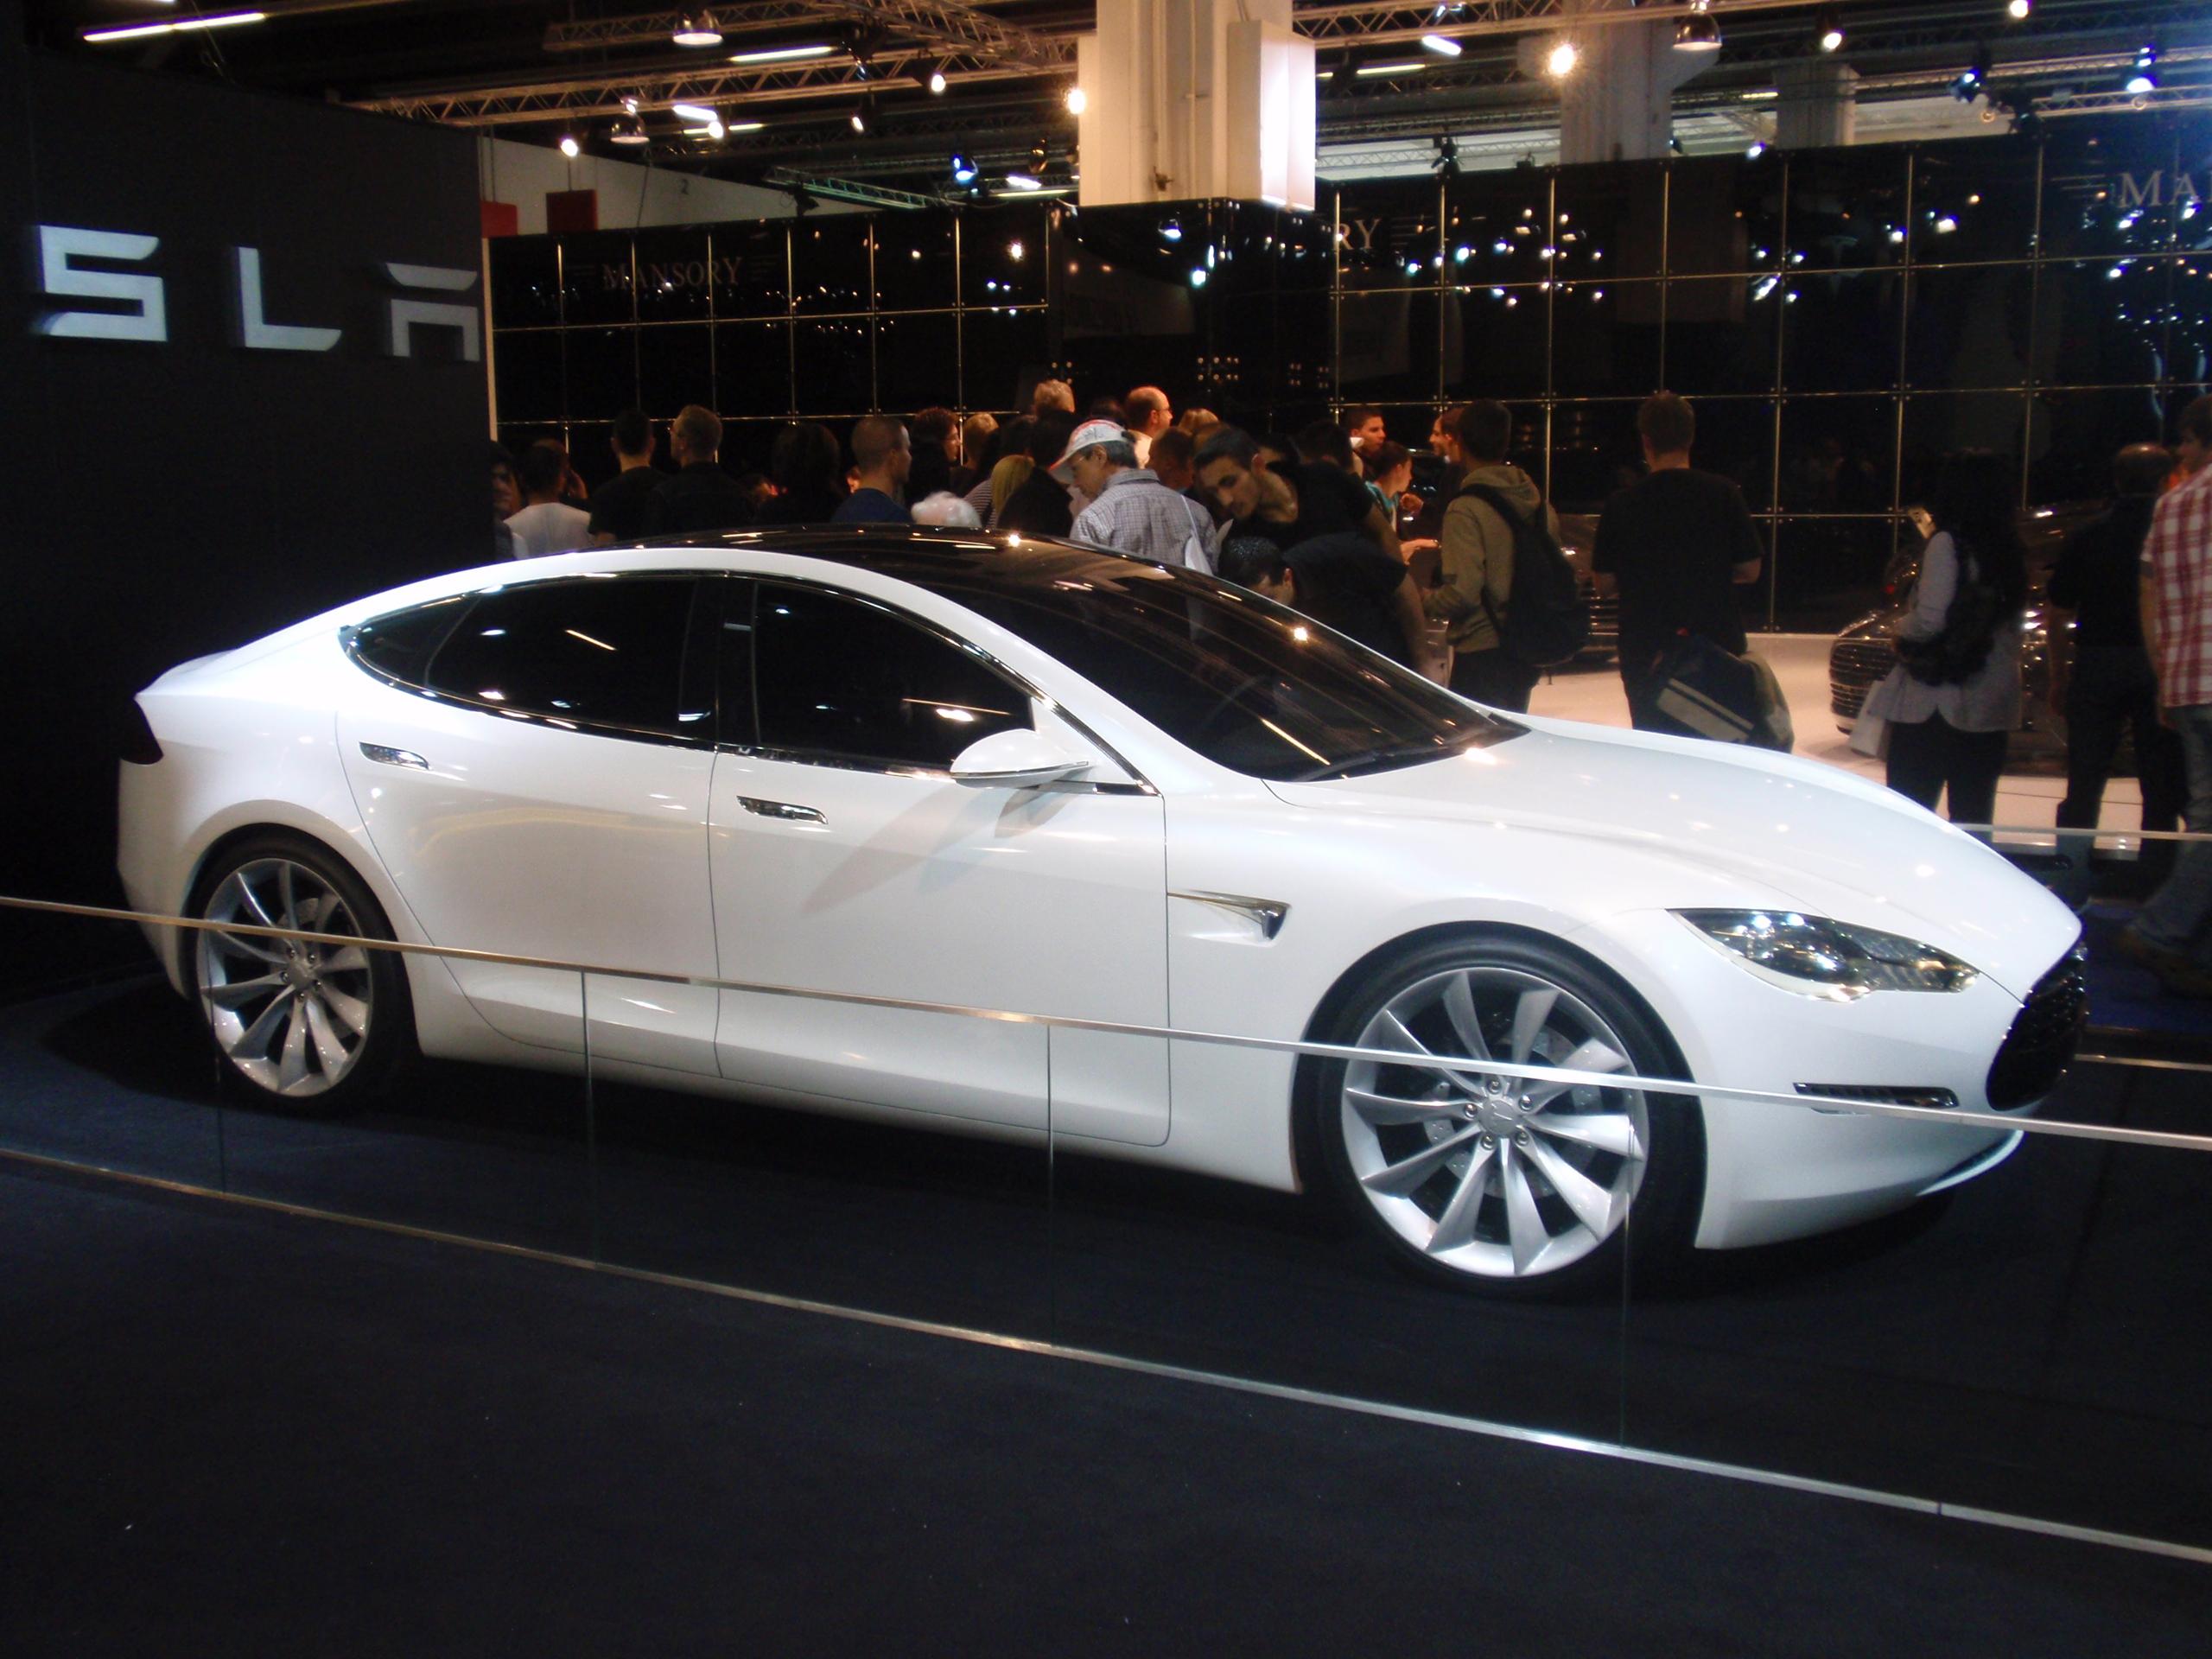 File:Tesla Model S (108) JPG - Wikipedia